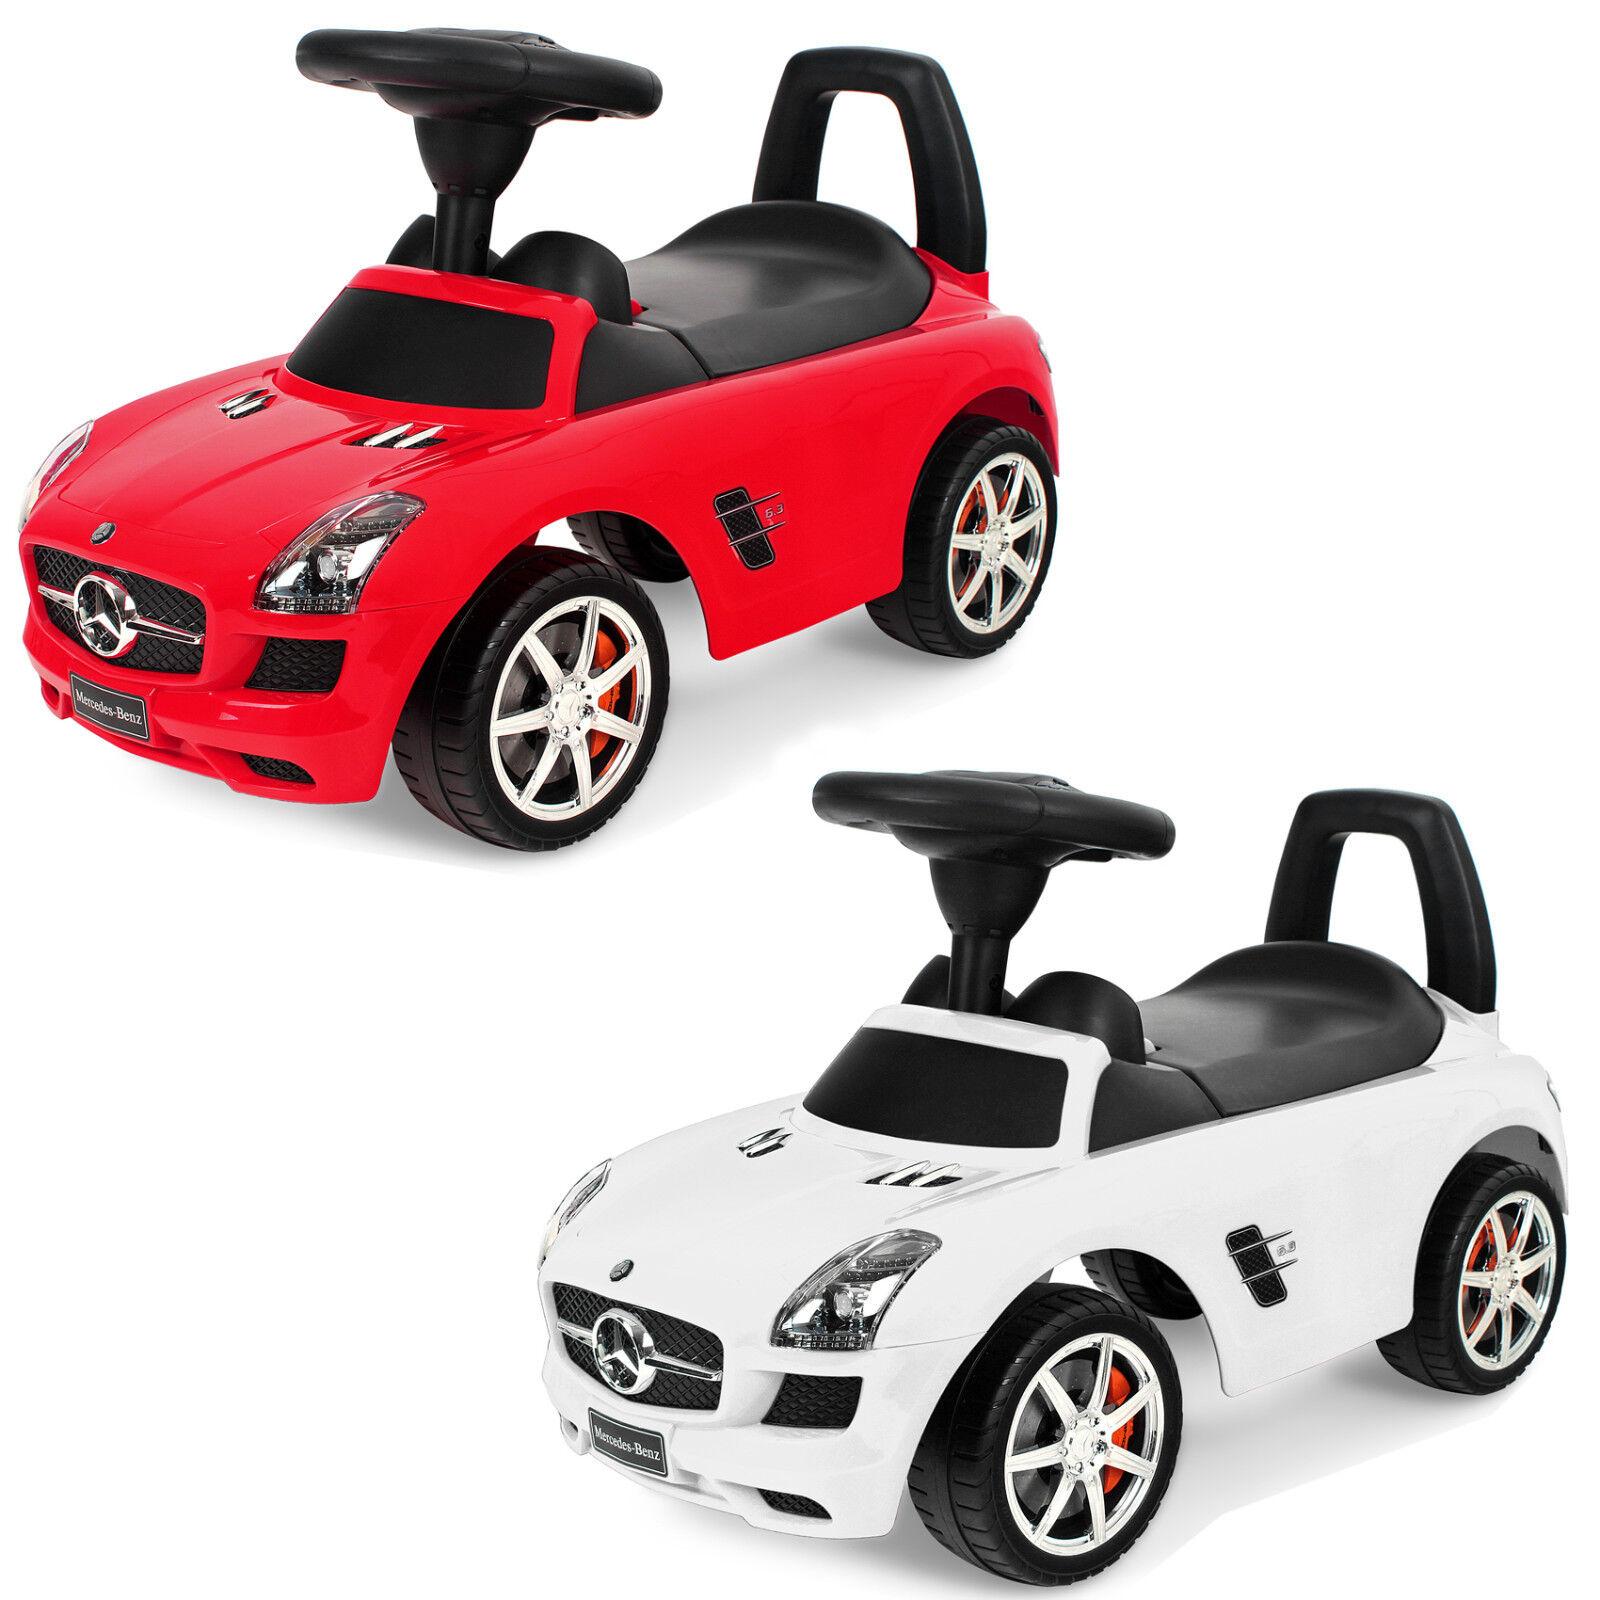 Mercedes Benz 332 Rutscher Babyrutscher Kinderfahrzeug Kinder Auto Musik LIZENZ